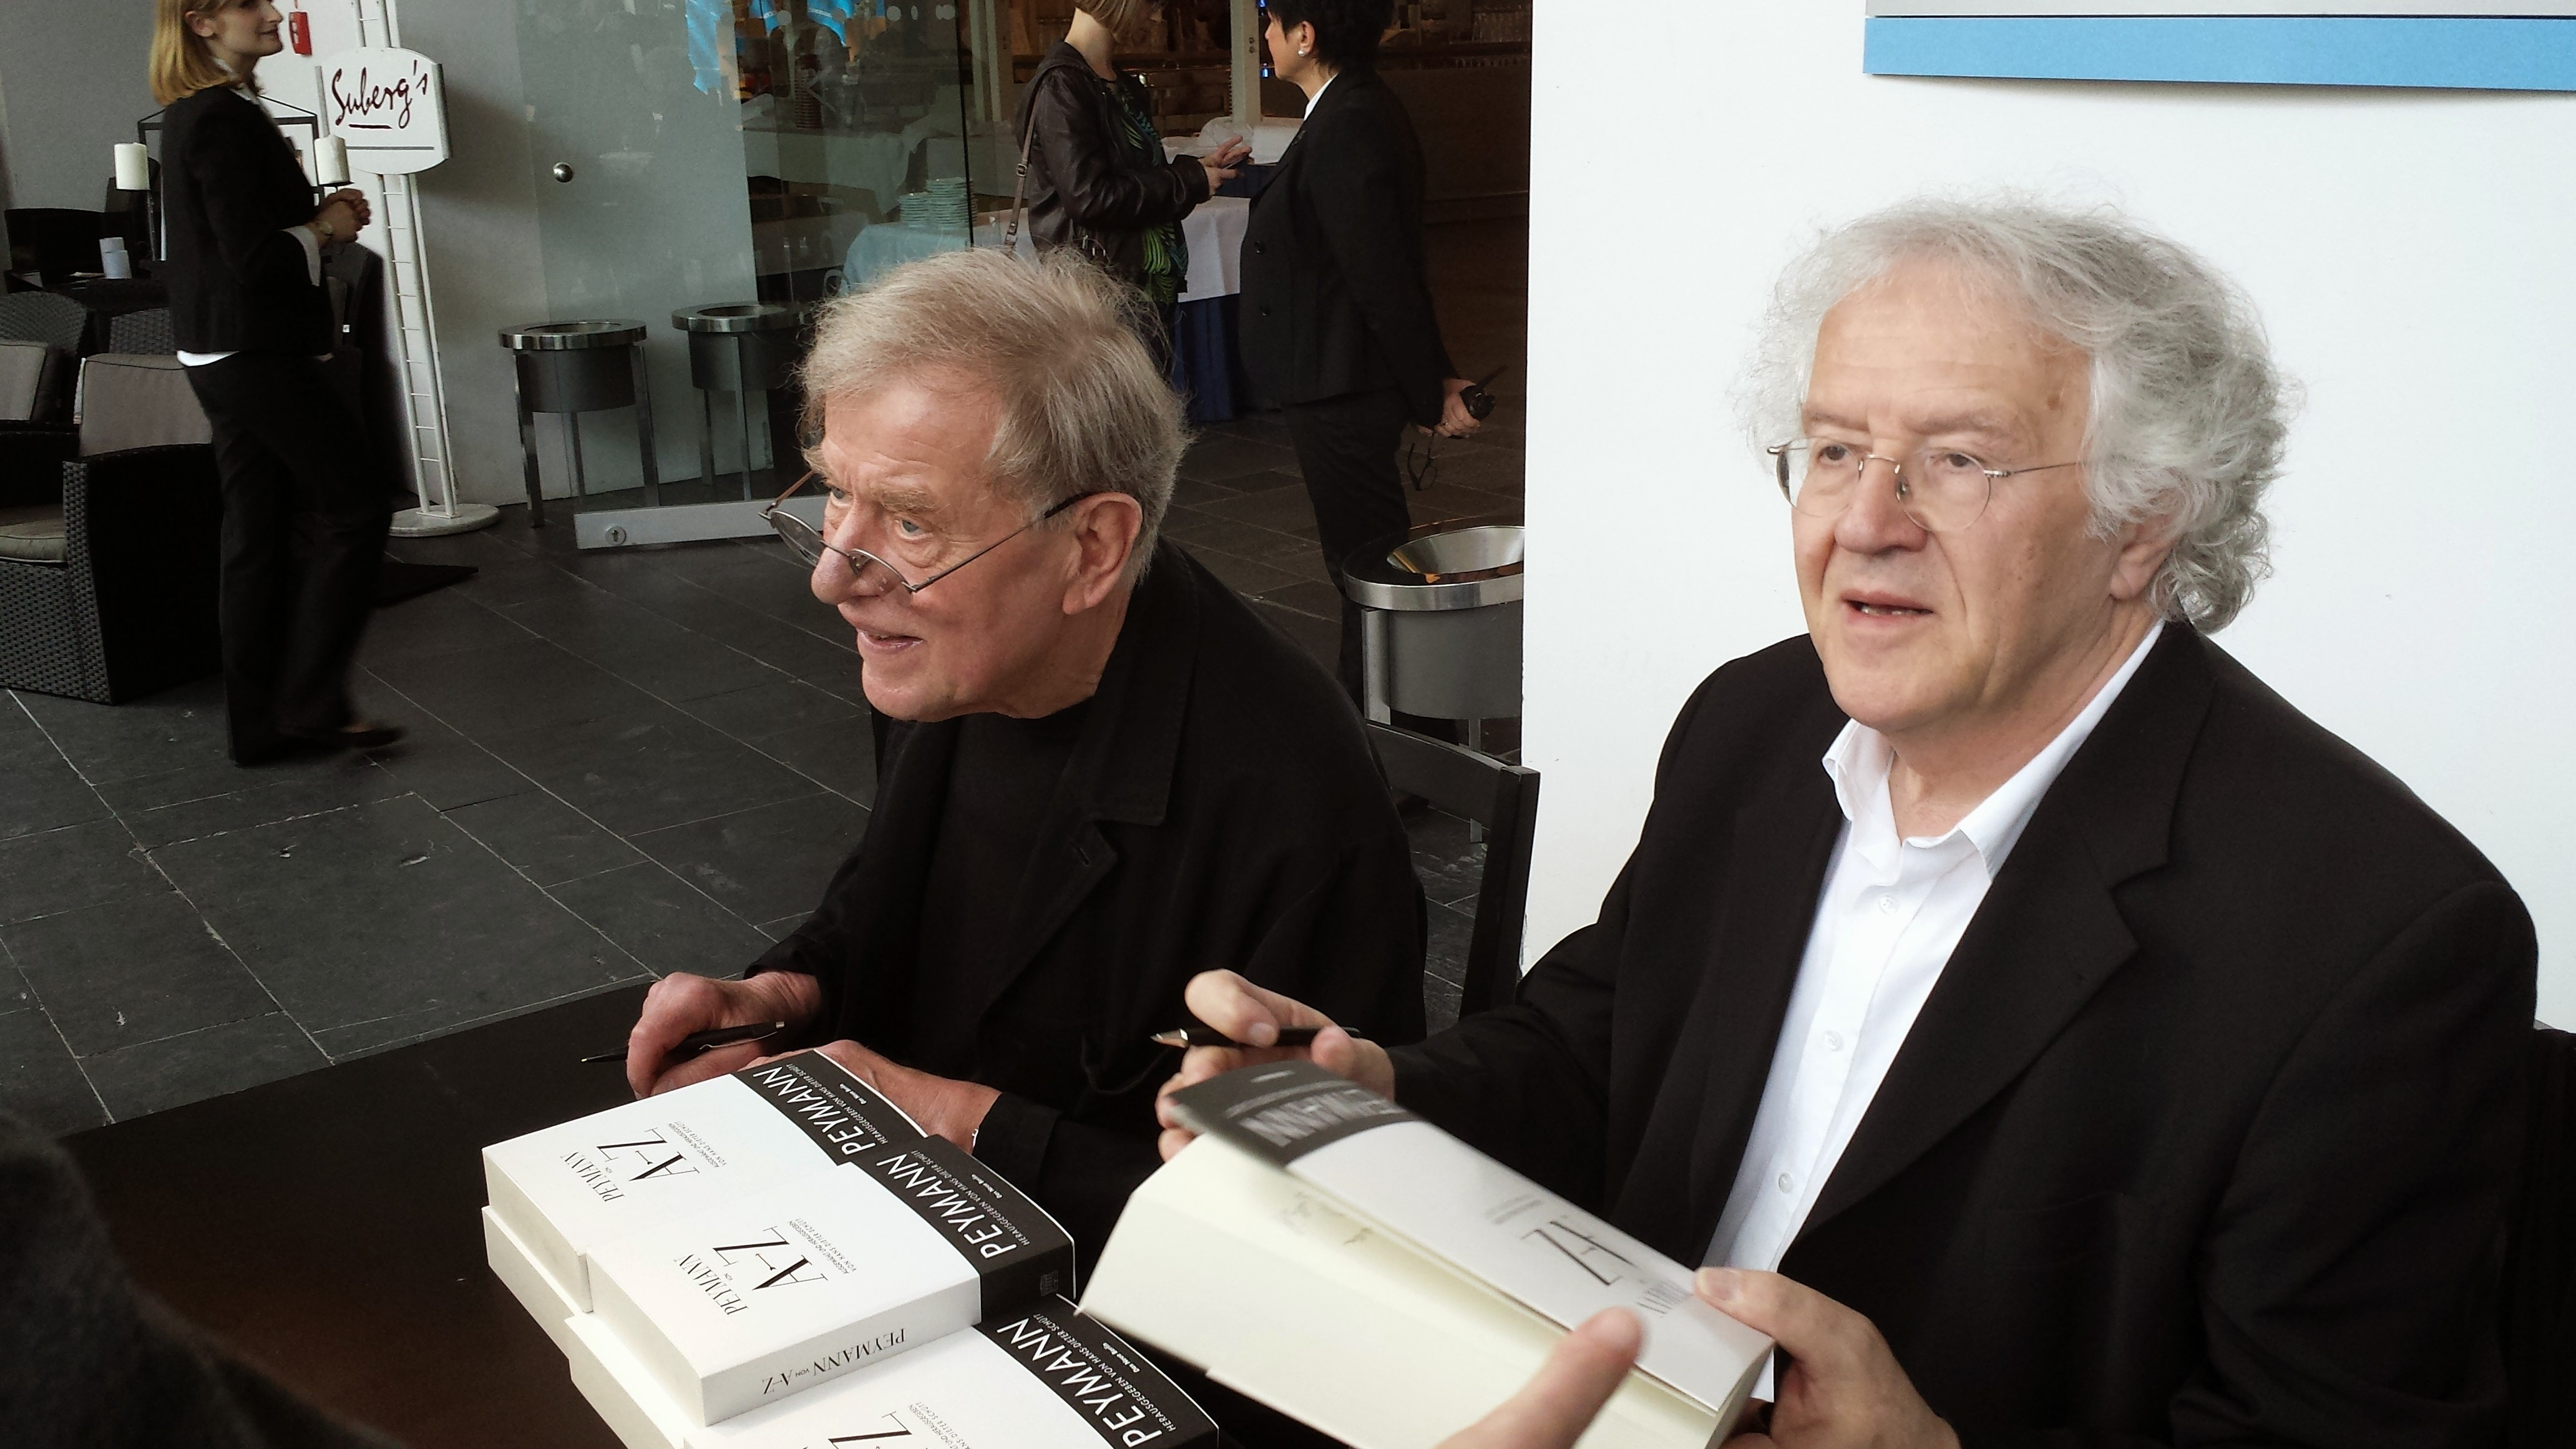 Claus Peymann (links) und Hermann Beil (rechts) beim Signieren eines Buches.